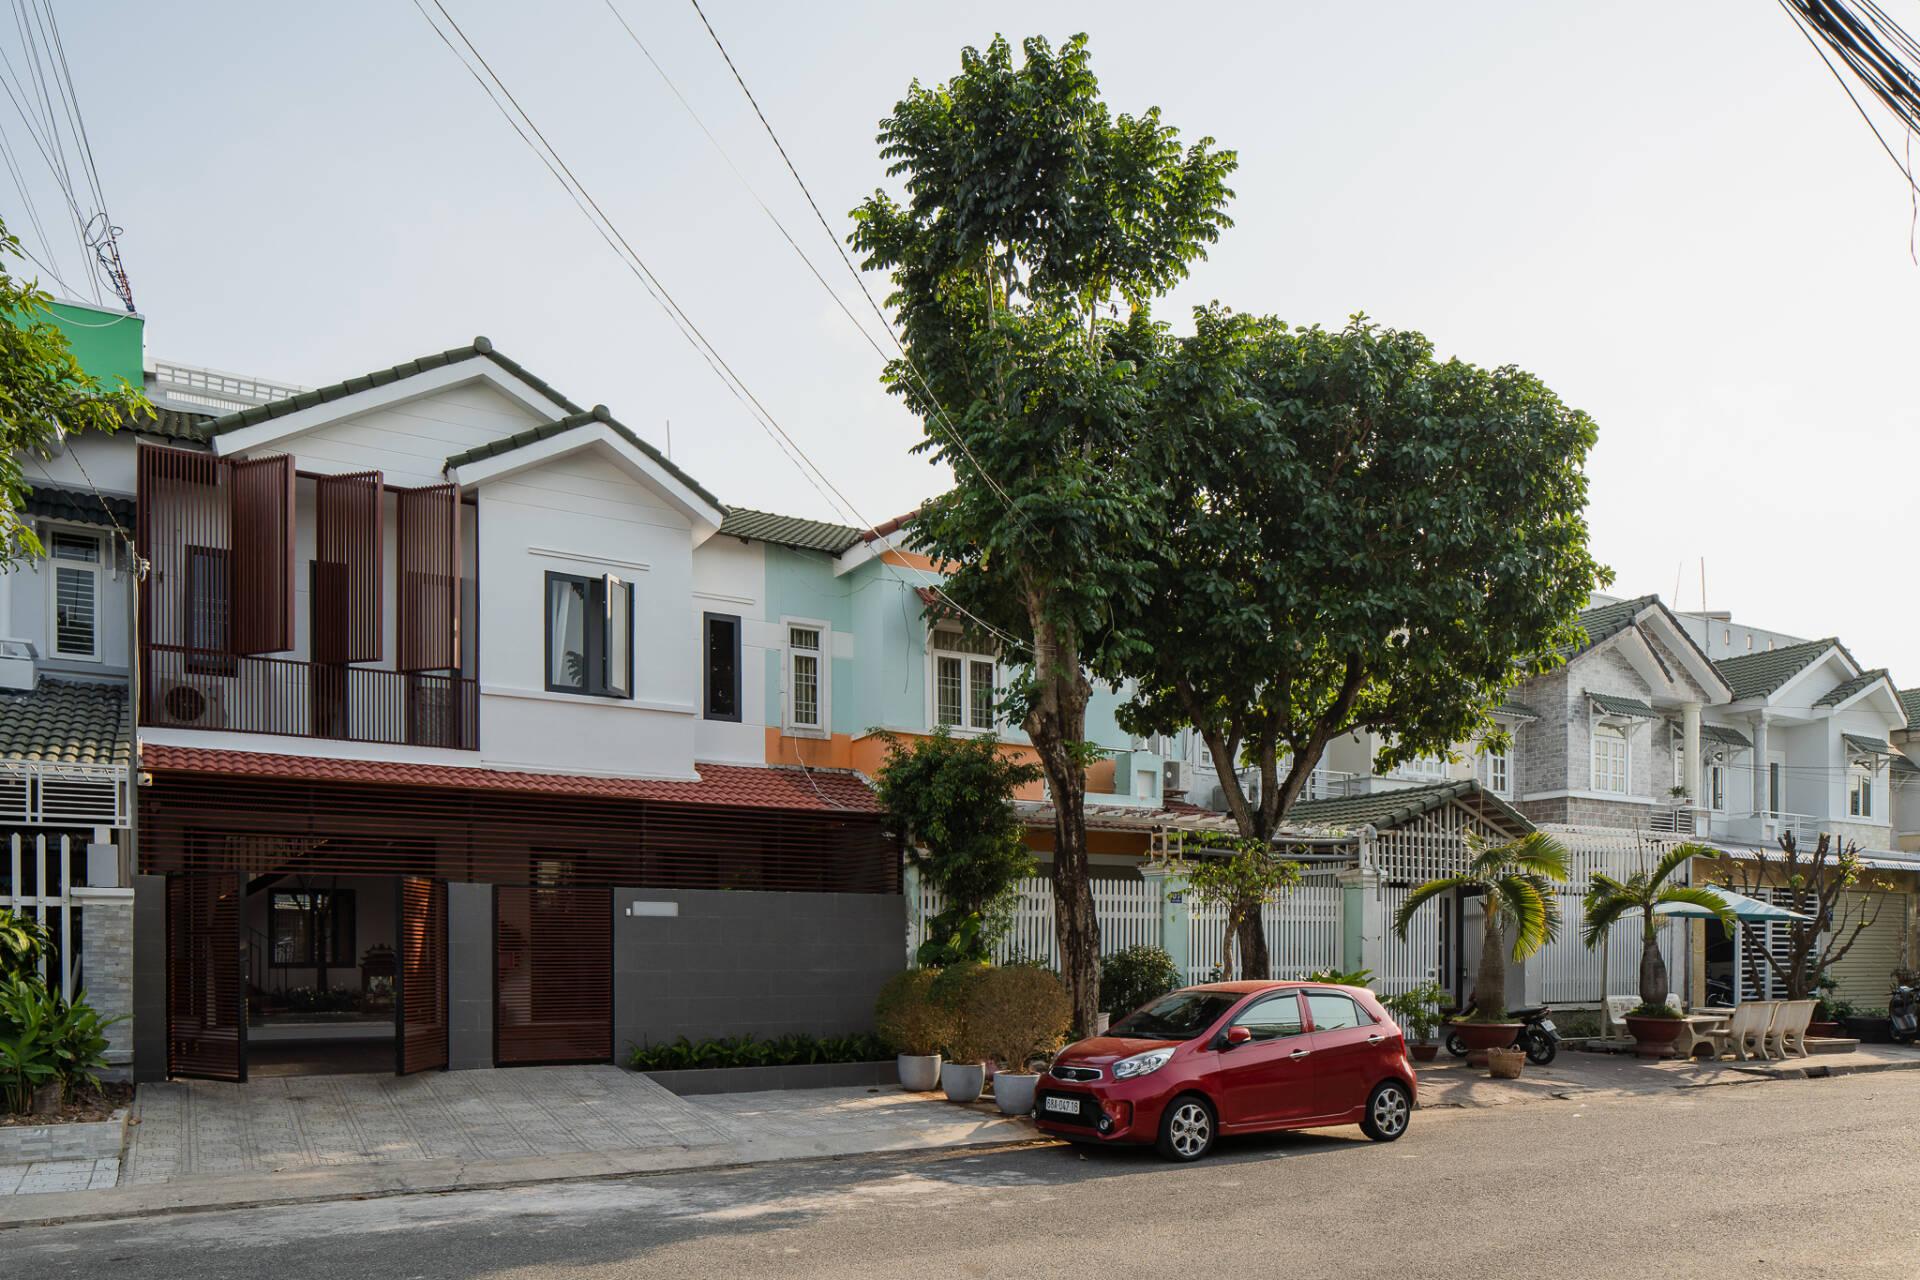 KG House là dạng nhà phố với chiều cao, mặt tiền phải theo quy định chung